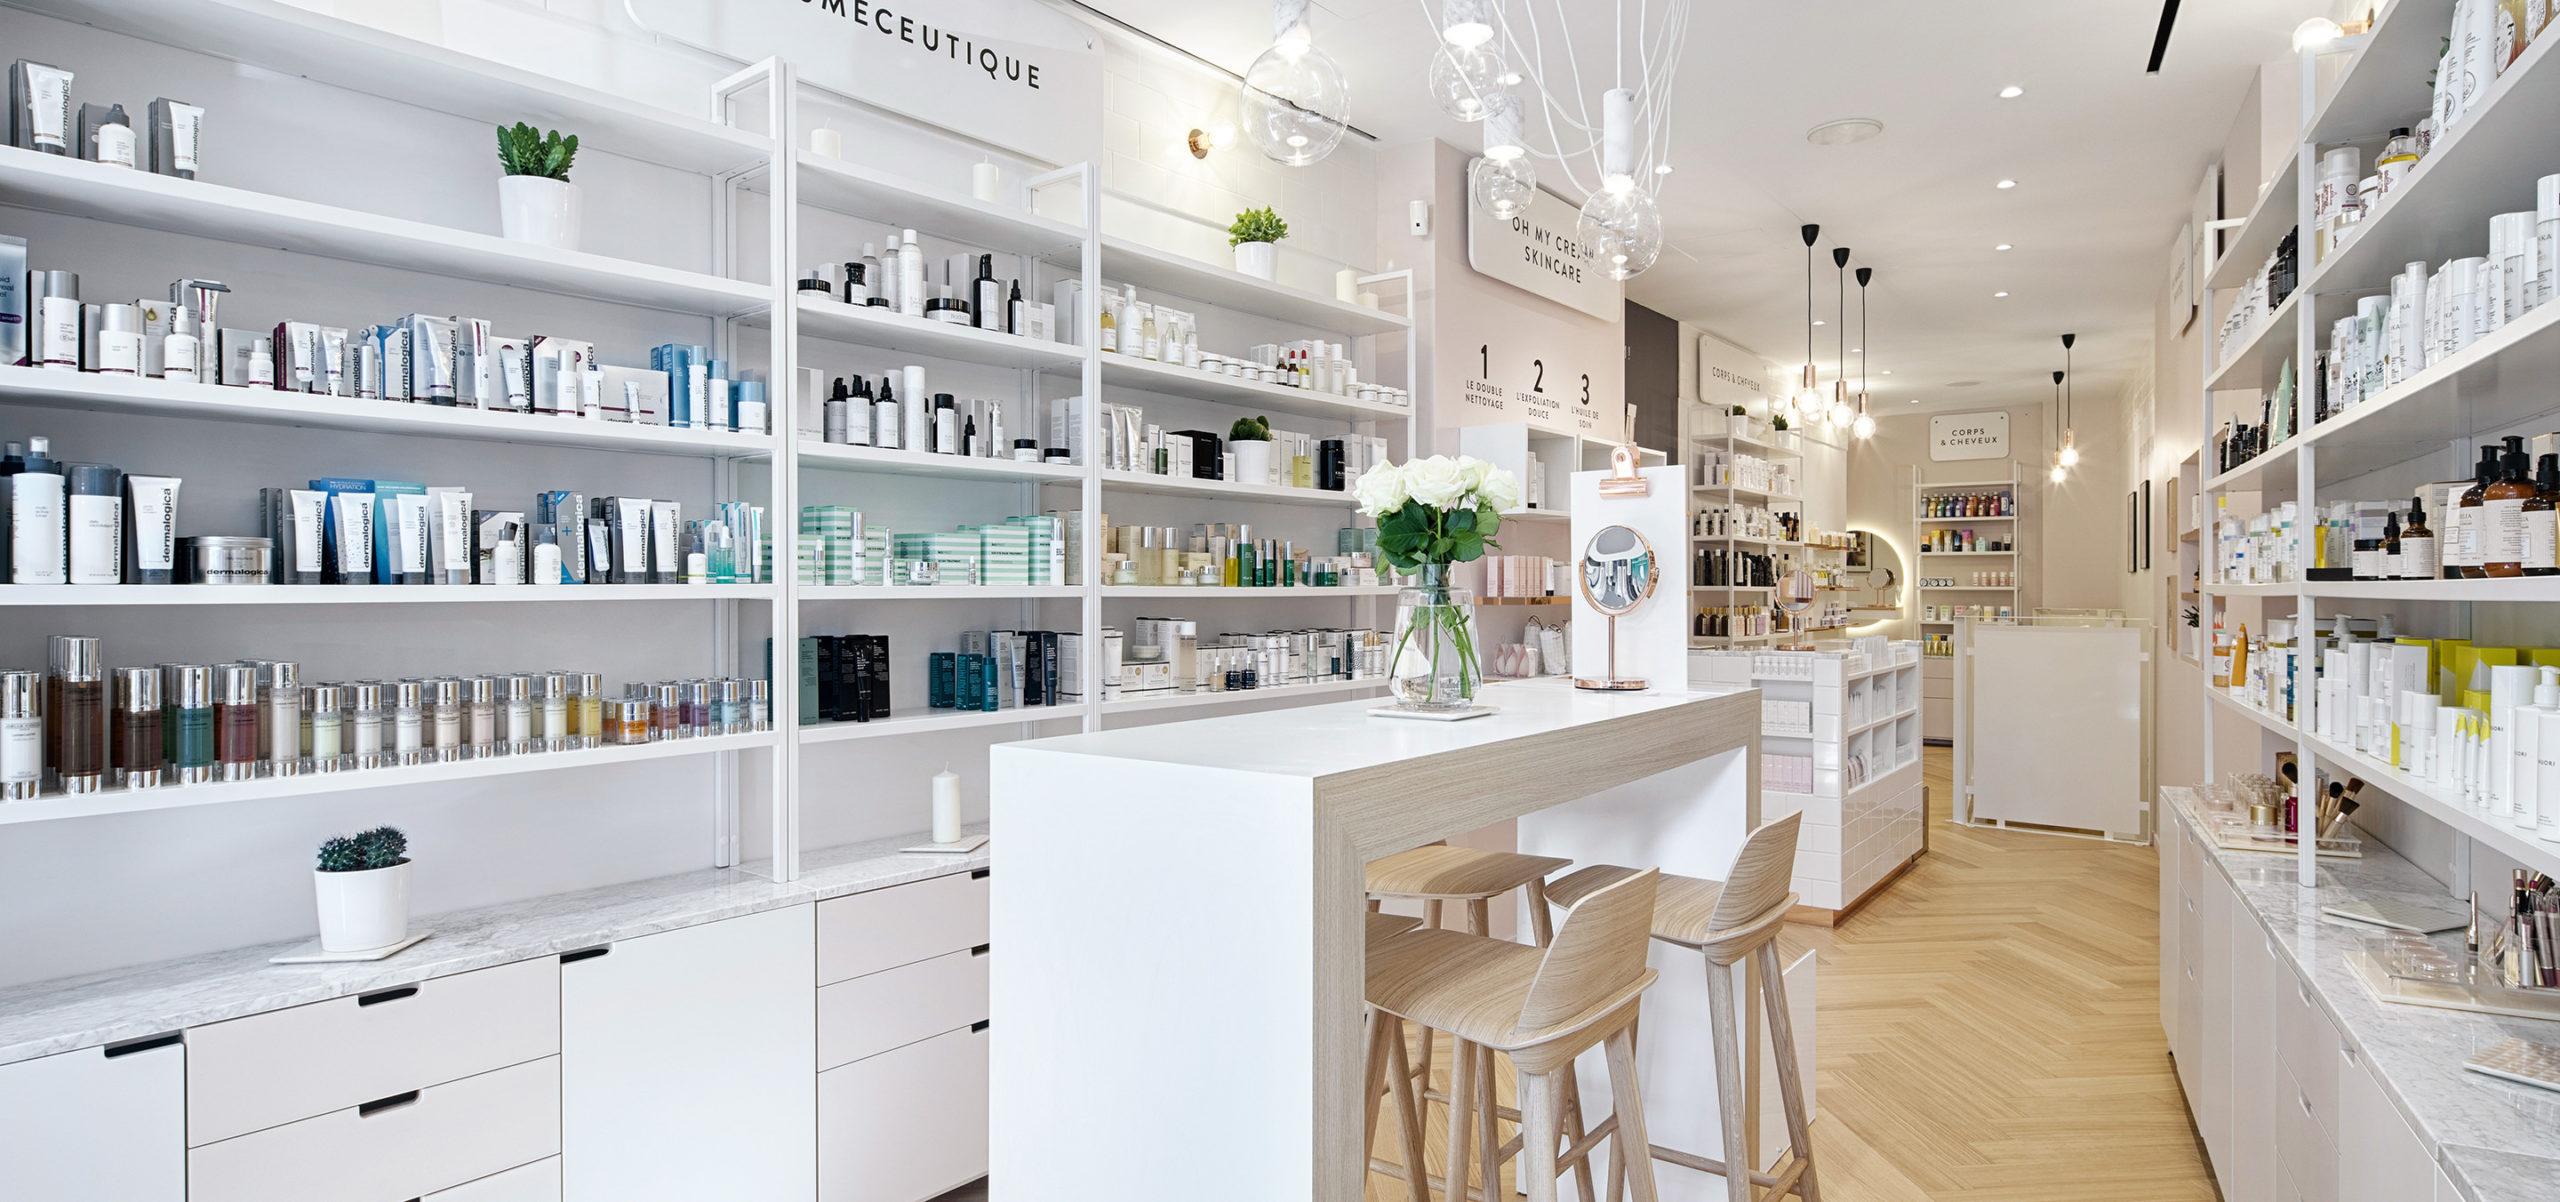 Label Experience : vue globale intérieur de la boutique Oh My Cream rue Legendre à Paris